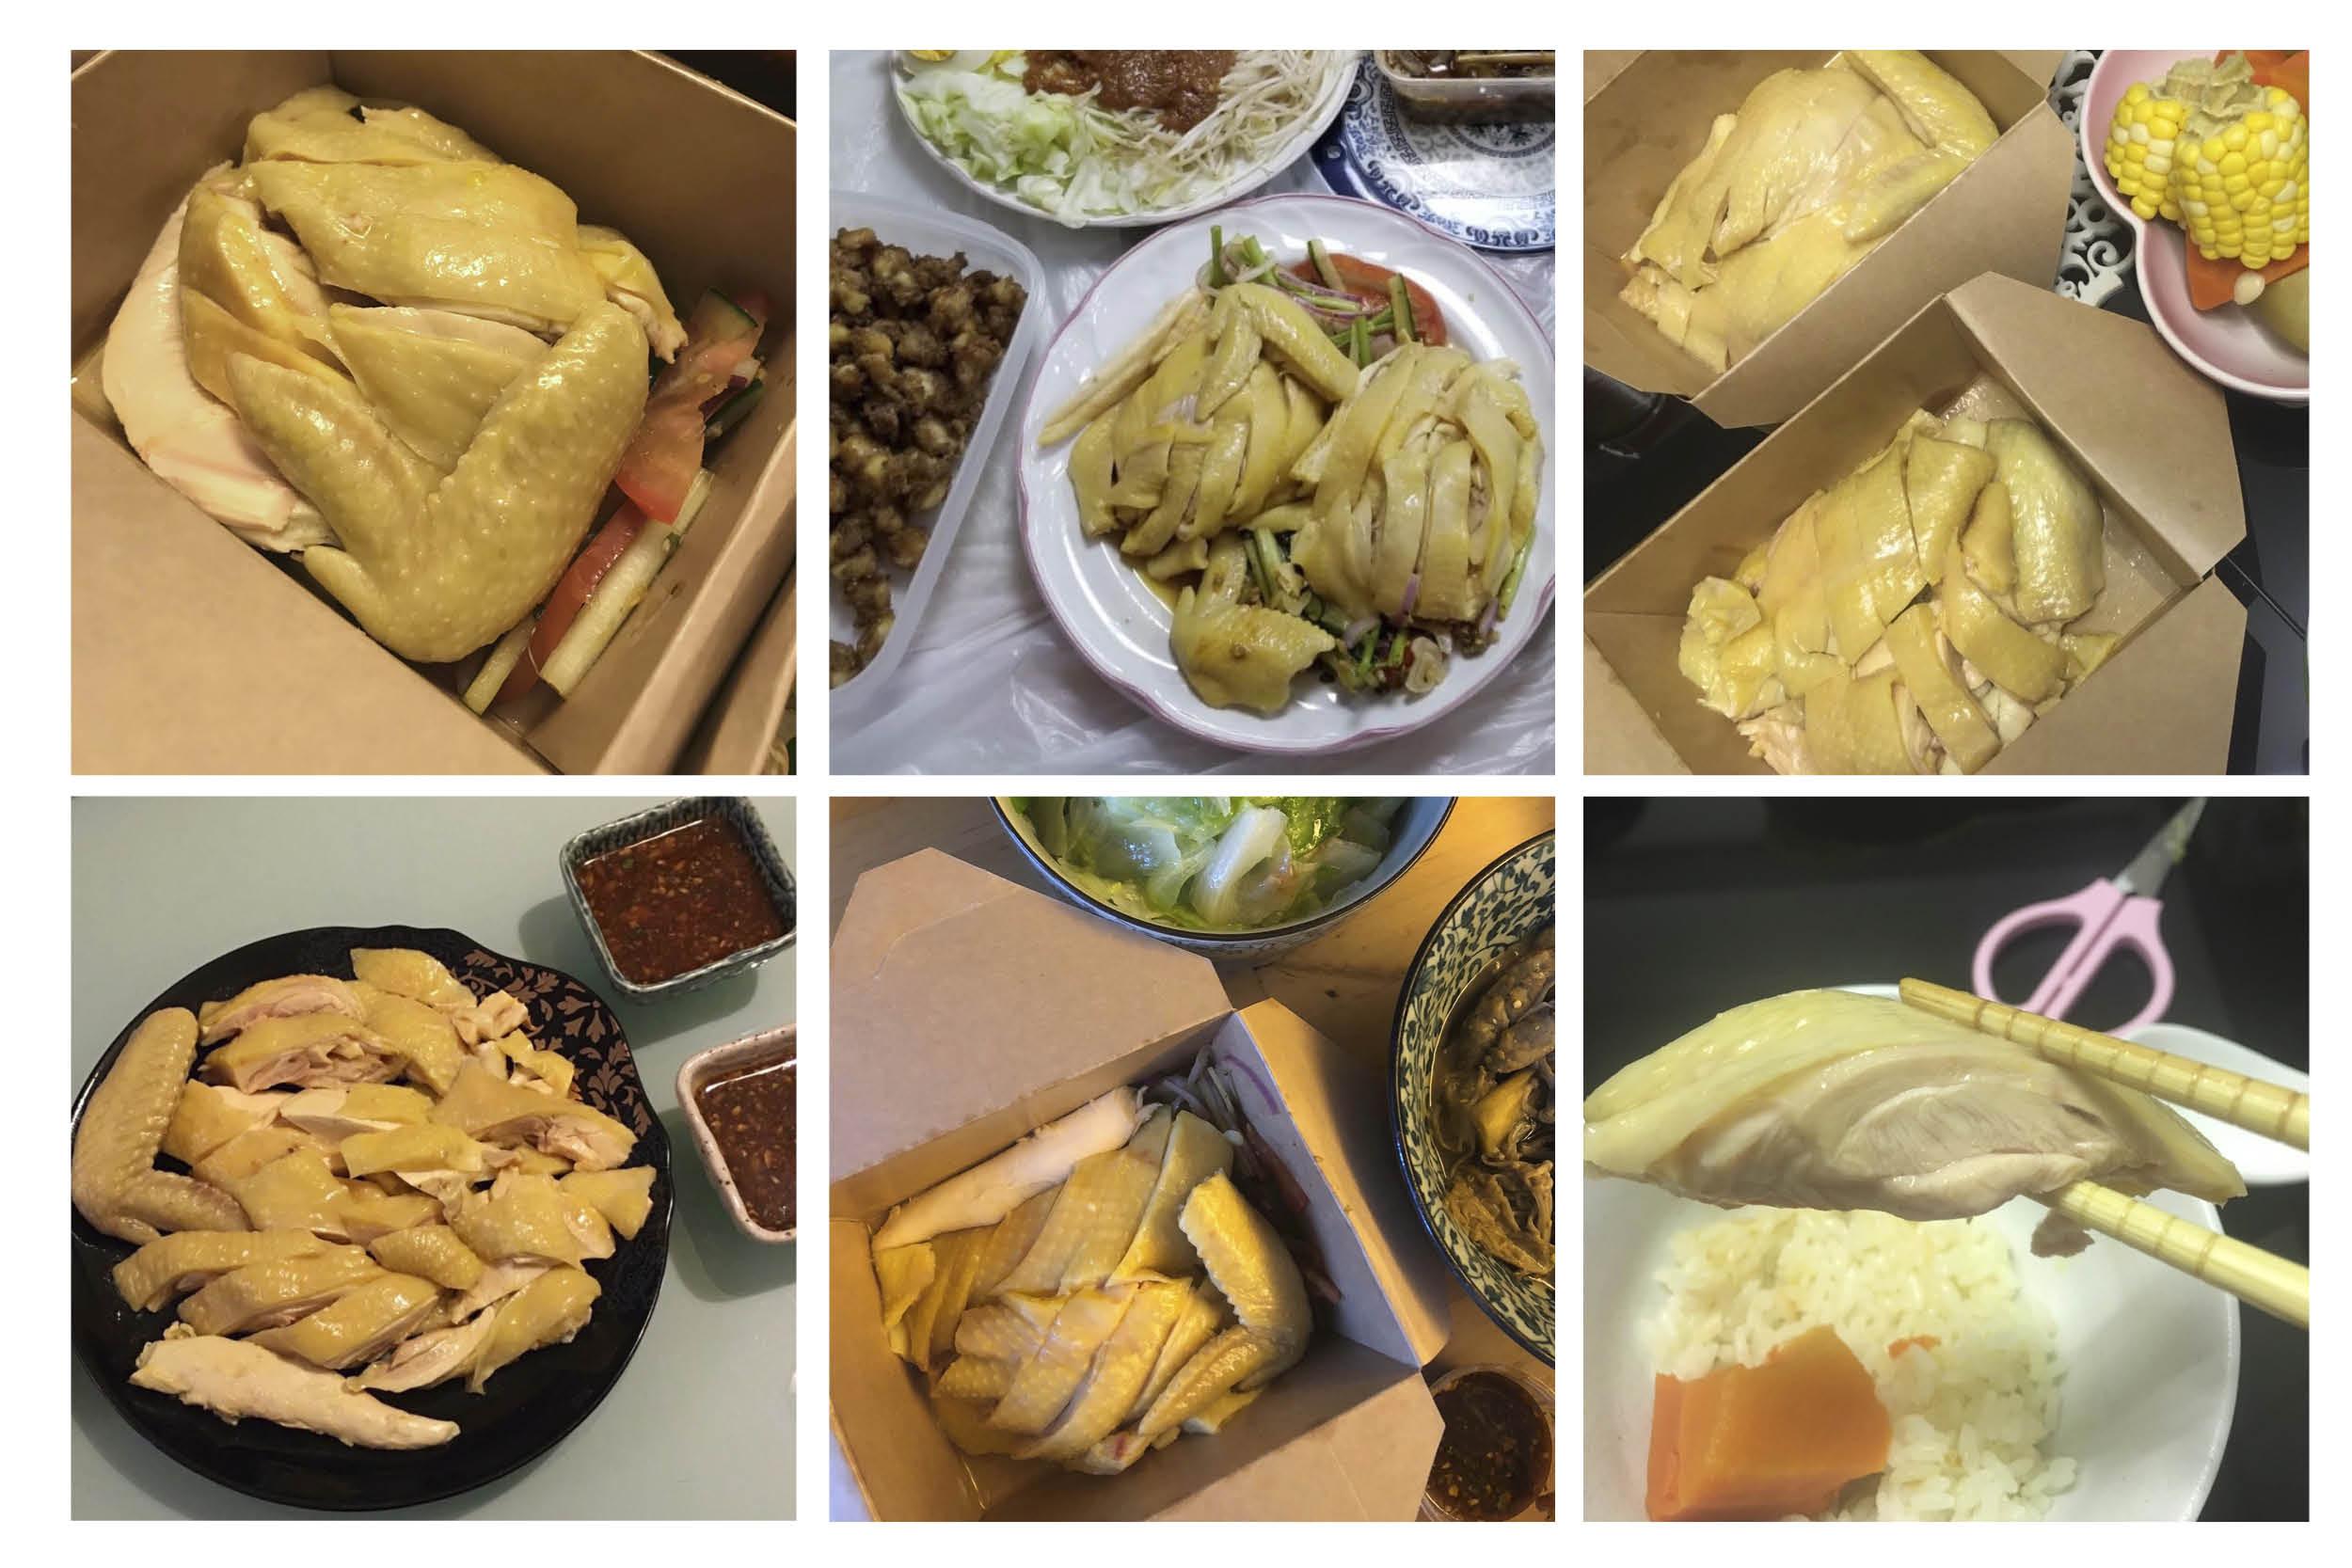 餐廳水門泰式海南雞飯亦有自行籌備「做雞做上門」地區直送團,太古亦是其中一個直送點。當晚即有街坊在群組內分享意見及美食圖,引誘更多街坊「跟機」團購。